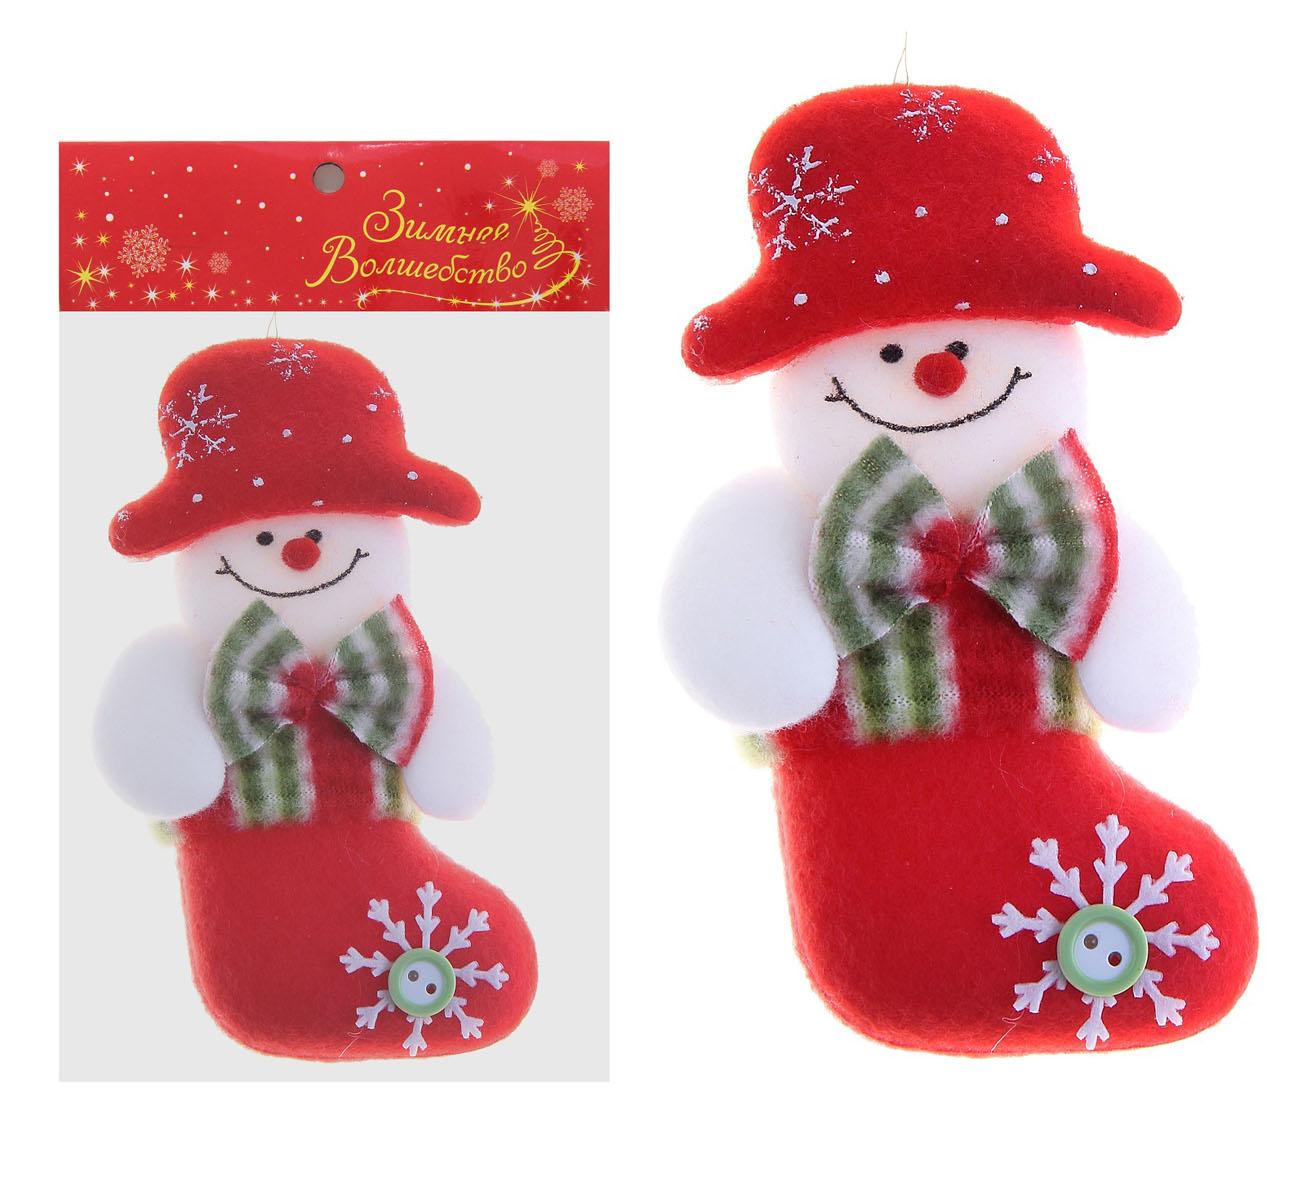 Новогоднее подвесное украшение Sima-land Снеговик. 718533718533Новогоднее украшение Sima-land Снеговик отлично подойдет для декорации вашего дома и новогодней ели. Игрушка выполнена из текстиля в виде забавного Снеговика с бабочкой на шее в сапожке, украшенном снежинкой и декоративной пуговицей. Украшение оснащено специальной текстильной петелькой для подвешивания.Елочная игрушка - символ Нового года. Она несет в себе волшебство и красоту праздника. Создайте в своем доме атмосферу веселья и радости, украшая всей семьей новогоднюю елку нарядными игрушками, которые будут из года в год накапливать теплоту воспоминаний. Коллекция декоративных украшений из серии Зимнее волшебство принесет в ваш дом ни с чем не сравнимое ощущение праздника! Материал: текстиль, пластик.